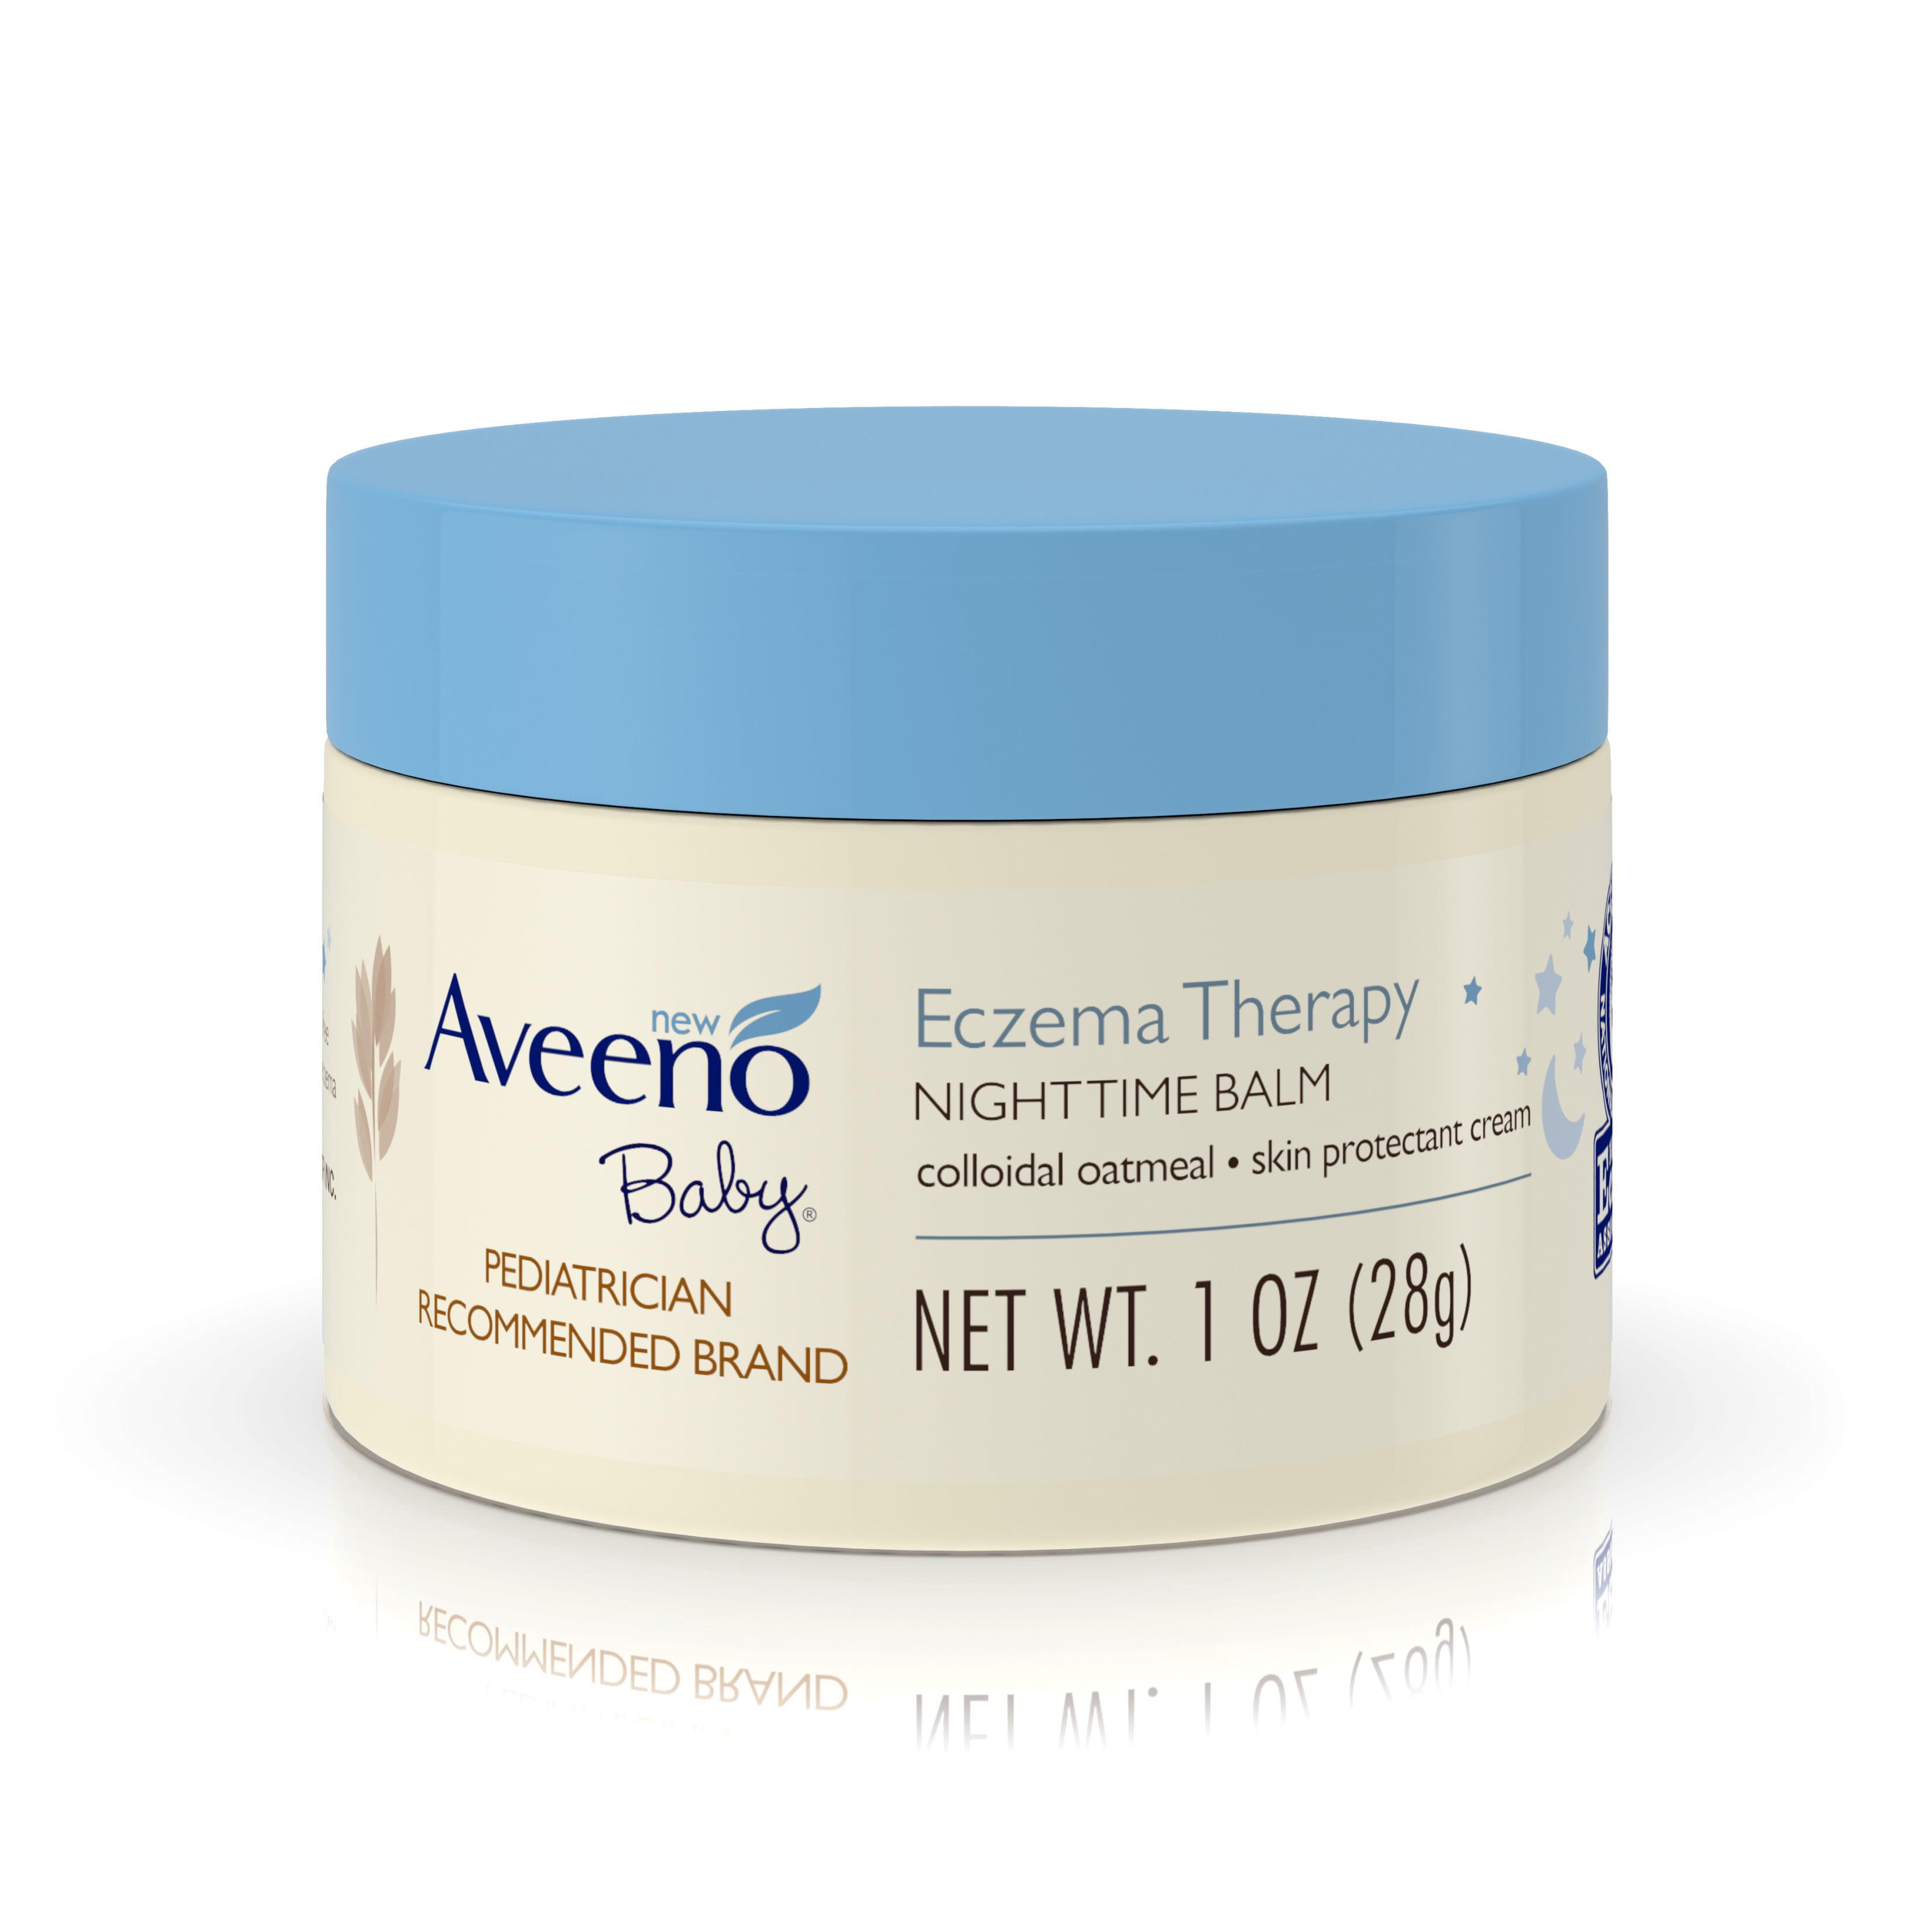 Aveeno Baby Eczema Therapy Nighttime Balm, 1 Oz - Walmart.com